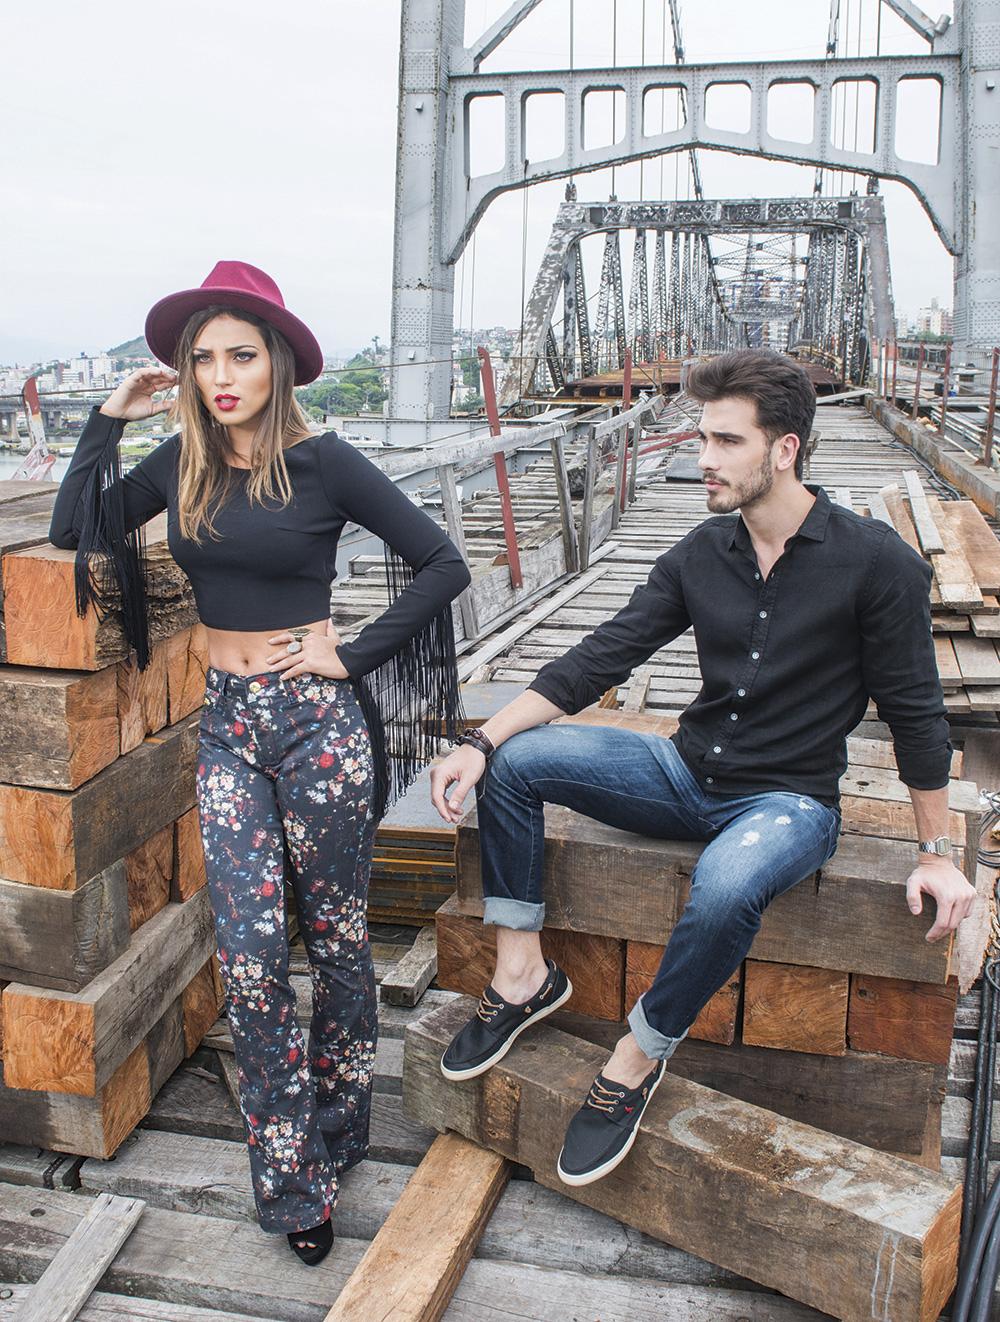 produção-de-moda-colecao-inverno-2016-gdoky-jeans-blog-ela-inspira-5